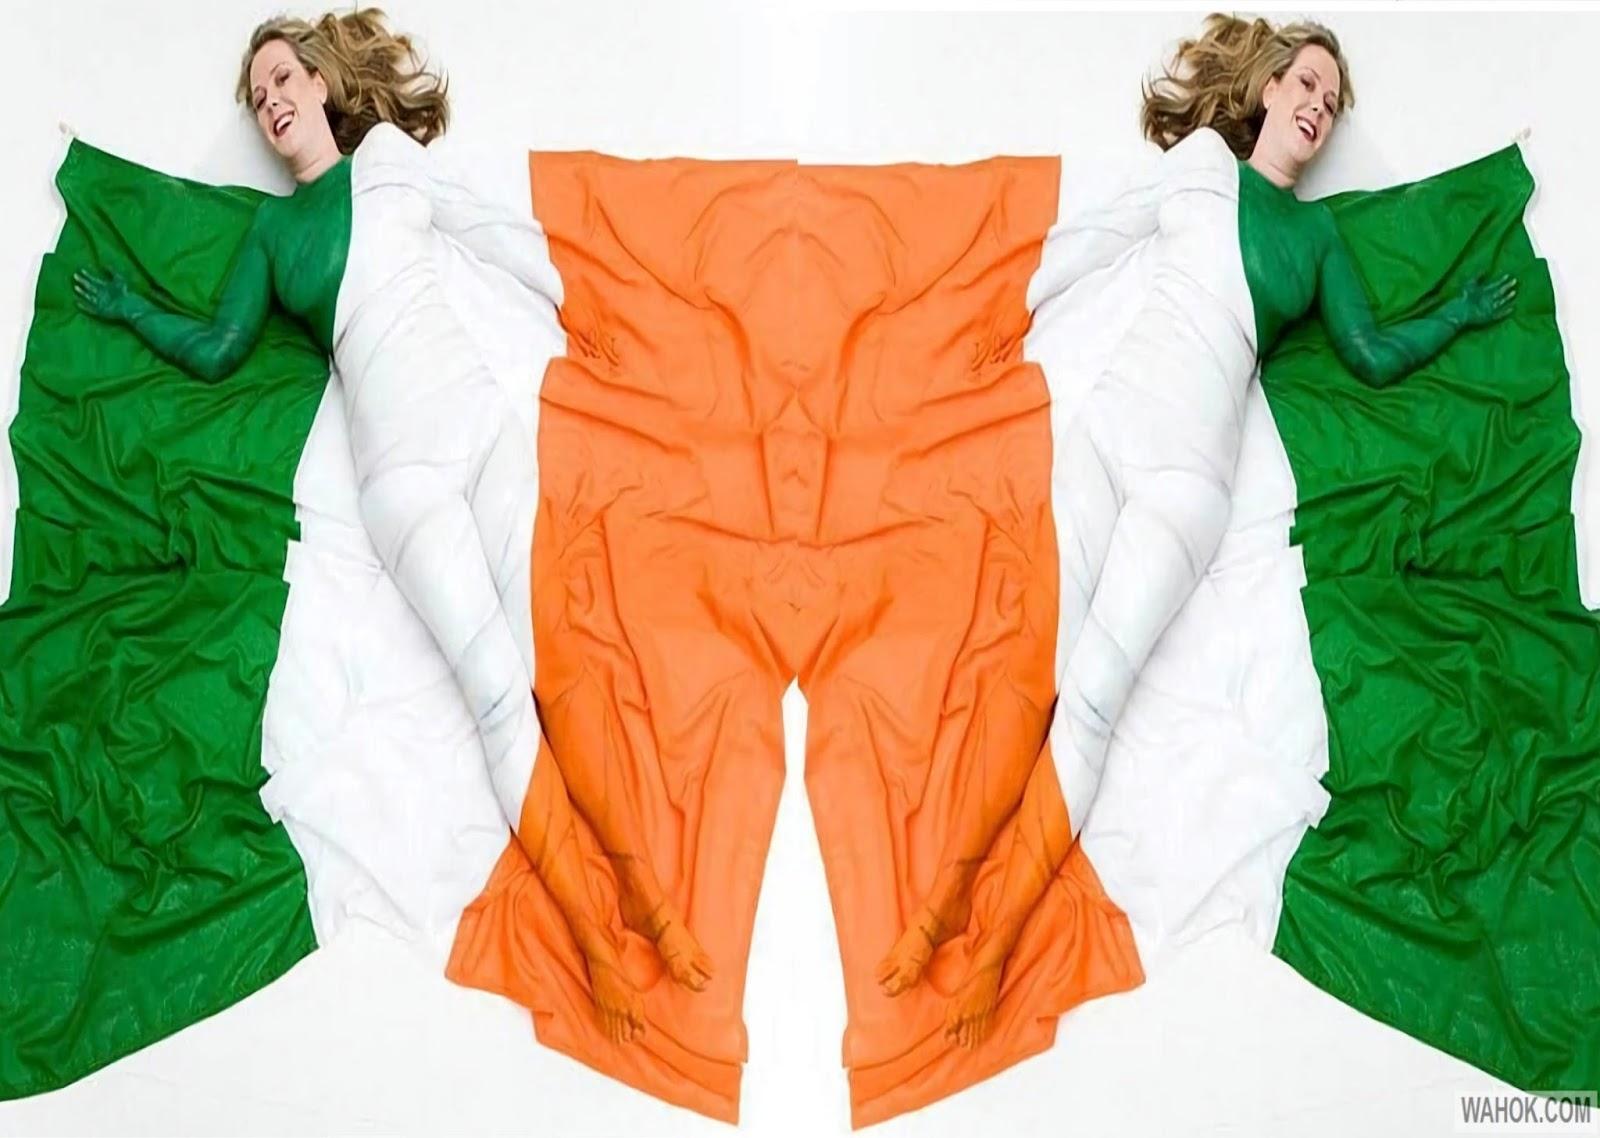 Download 7 Gambar Wallpaper HD Lukisan Bendera Di Tubuh Wanita Paling Seksi Dan Keren